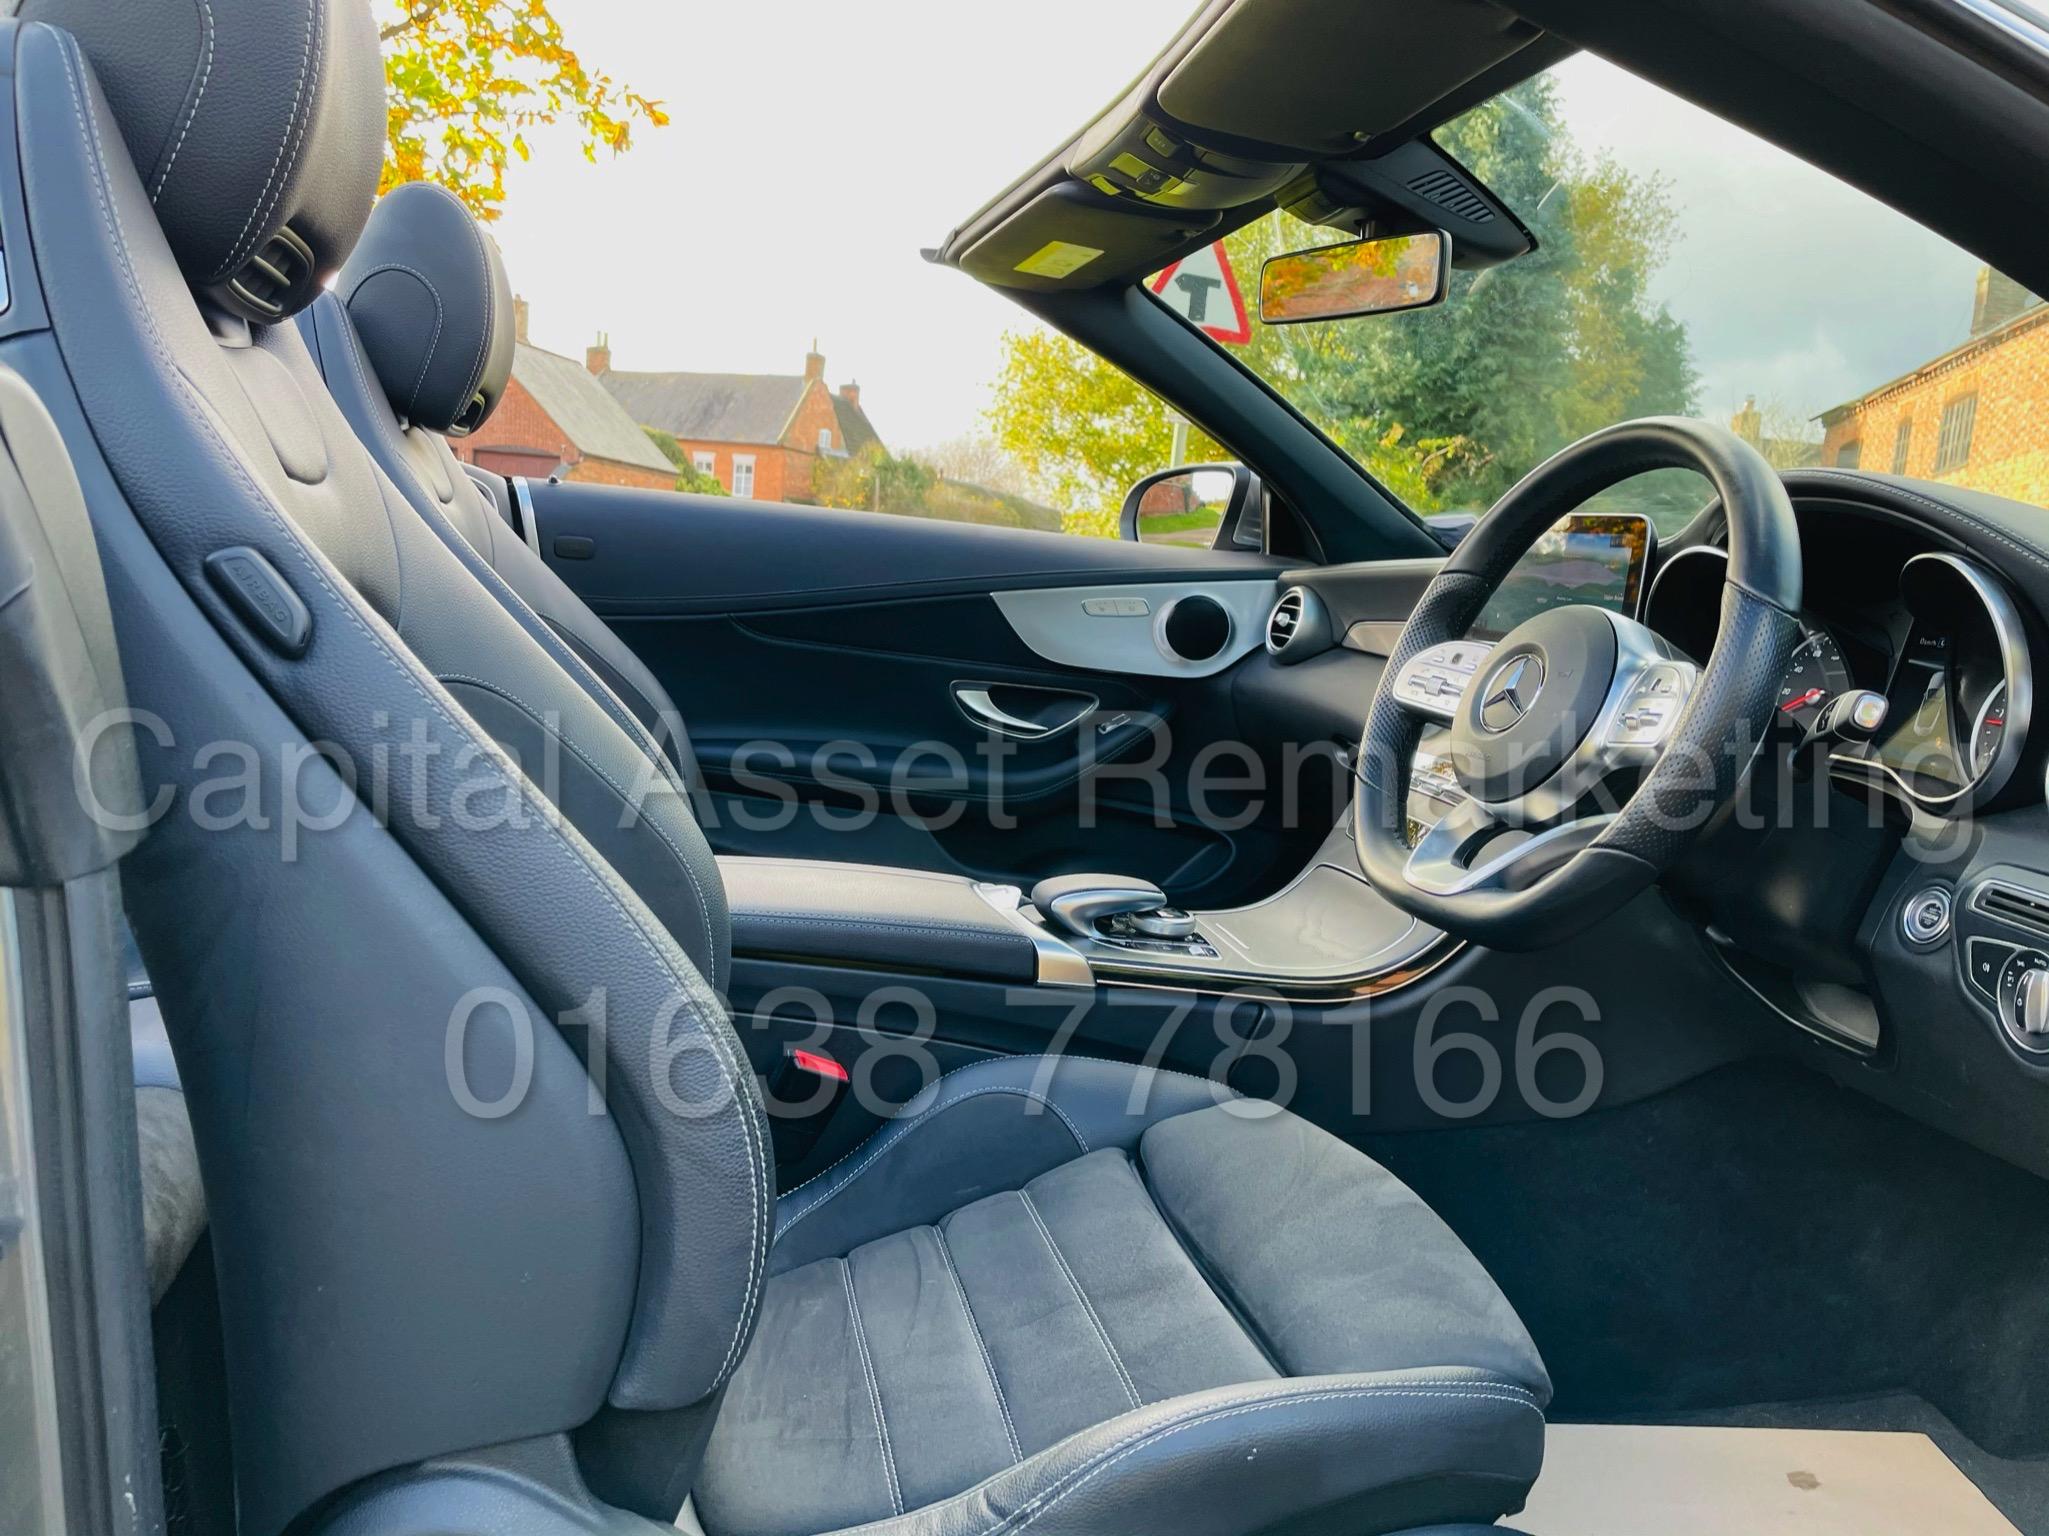 (On Sale) MERCEDES-BENZ C220D *AMG LINE -CABRIOLET* (2019) '9G AUTO - LEATHER - SAT NAV' *HUGE SPEC* - Image 31 of 43